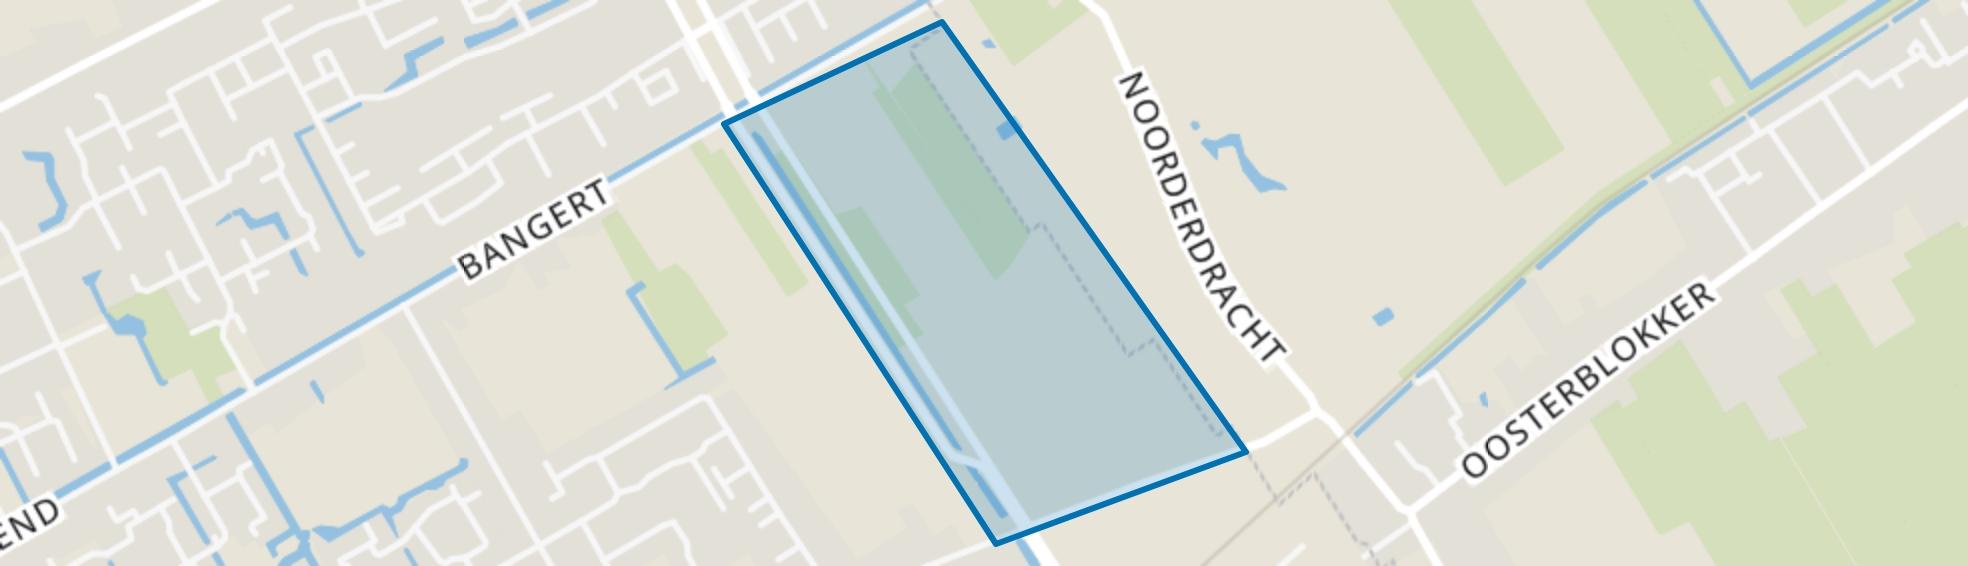 Bangert en Oosterpolder - Buurt 35 06, Blokker map